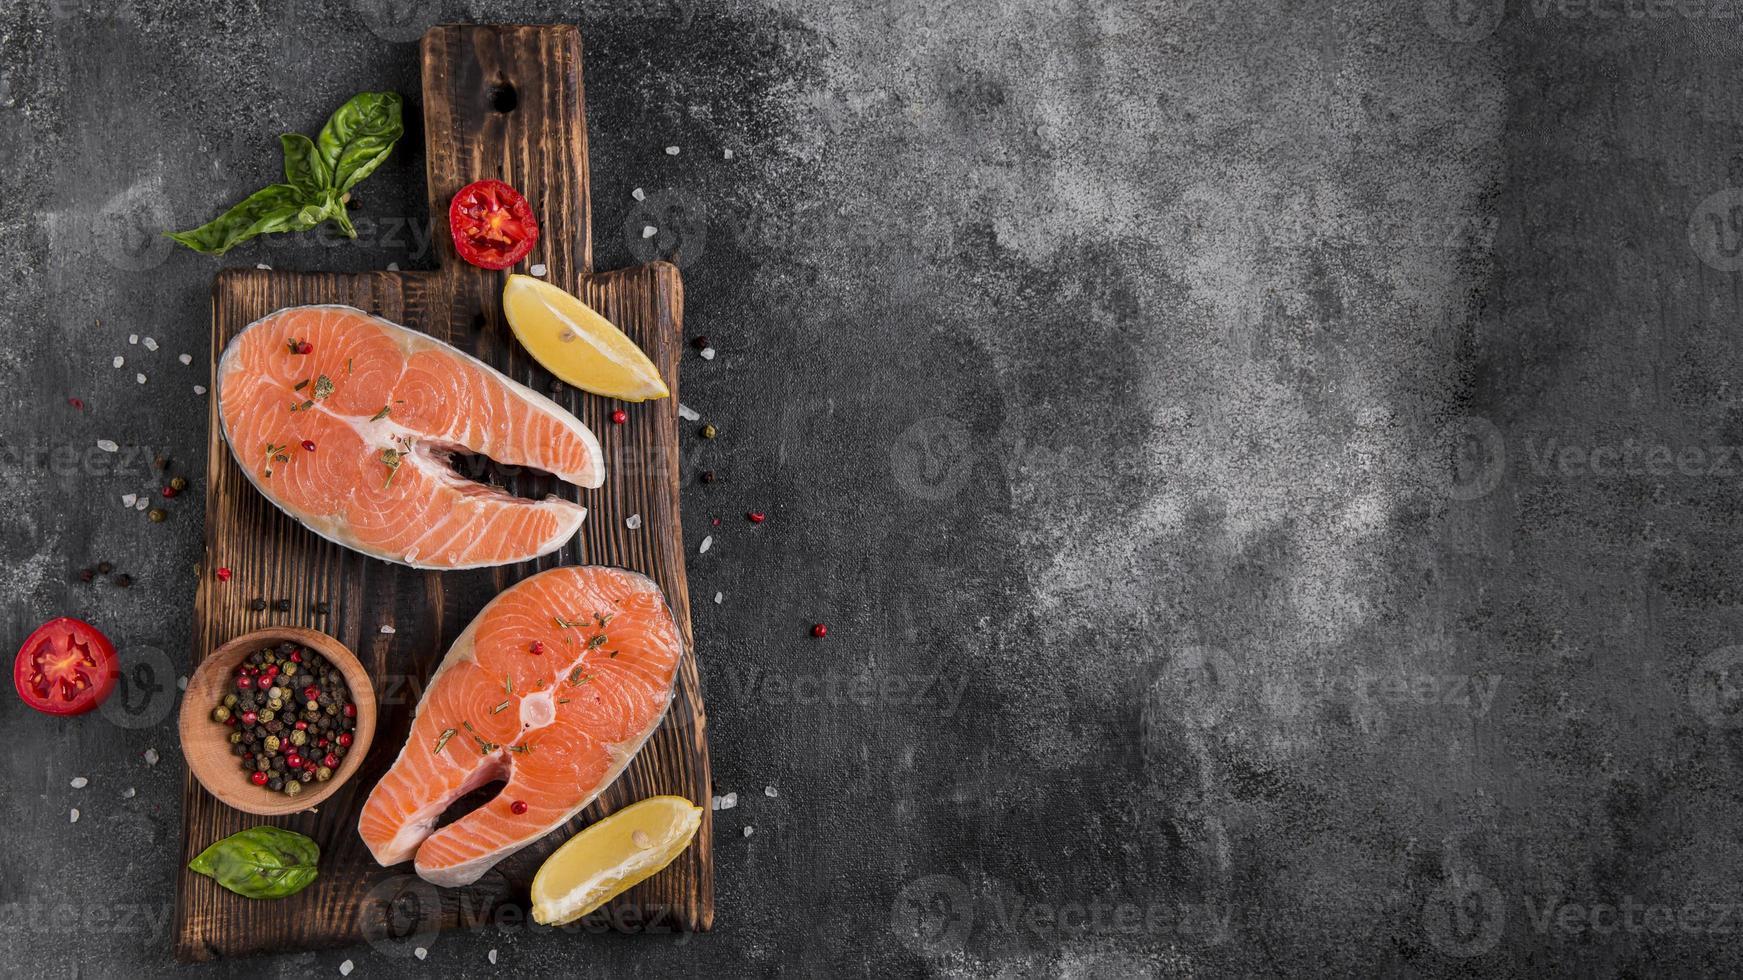 Peixe salmão fresco delicioso em fundo cinza escuro foto